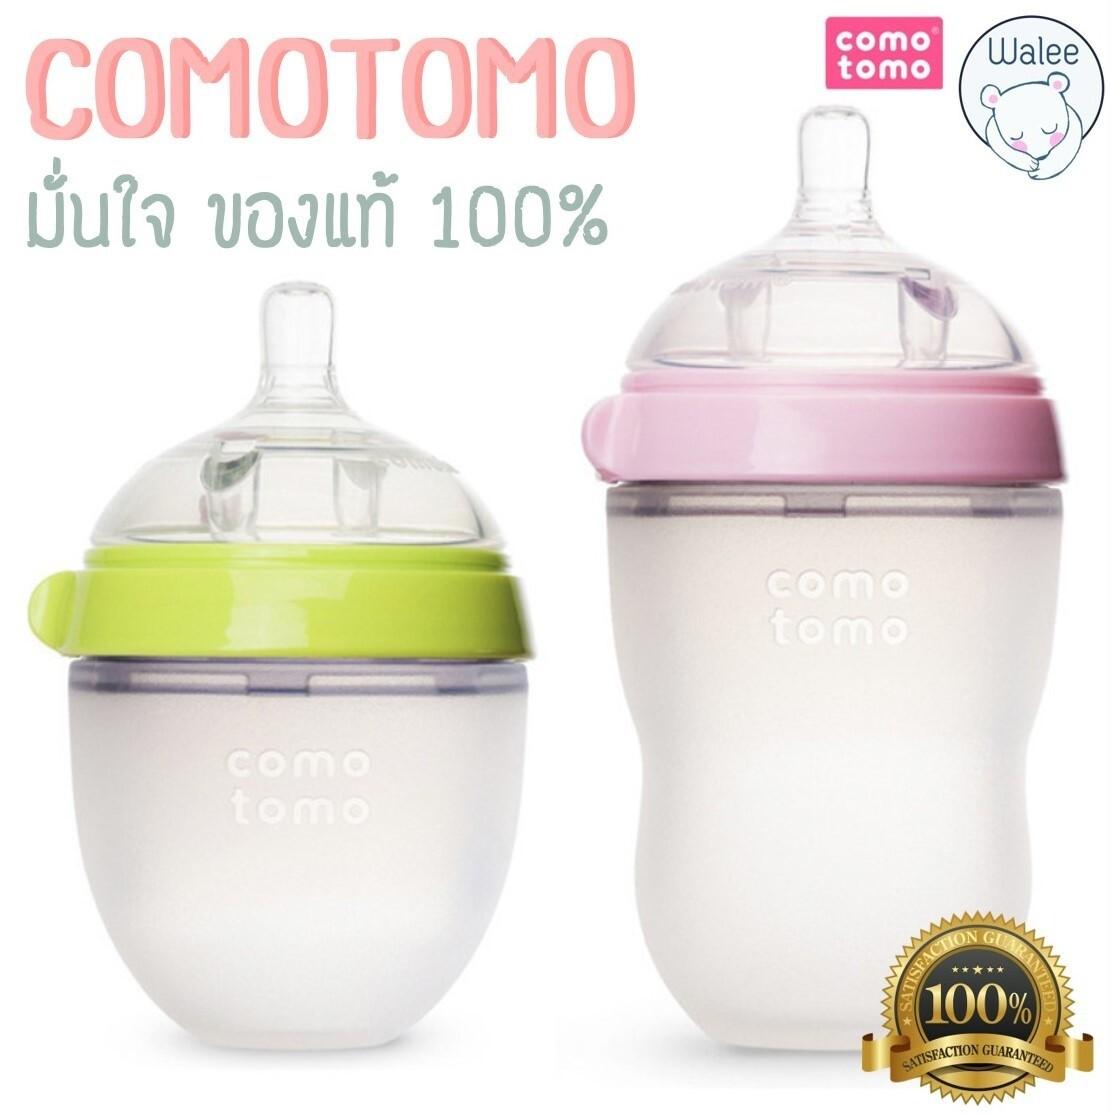 แนะนำ COMO TOMO ขวดนม ขวดนมพร้อมจุกนมซิลิโคน ขนาด 5oz/150ml / 8oz./250ml ขวดนมเสมือนเต้านมแม่ จุกนมนิ่ม บีบได้ คอขวดกว้าง ของแท้100% ของแท้ ขวดนม จุกนม ปลอดภัย